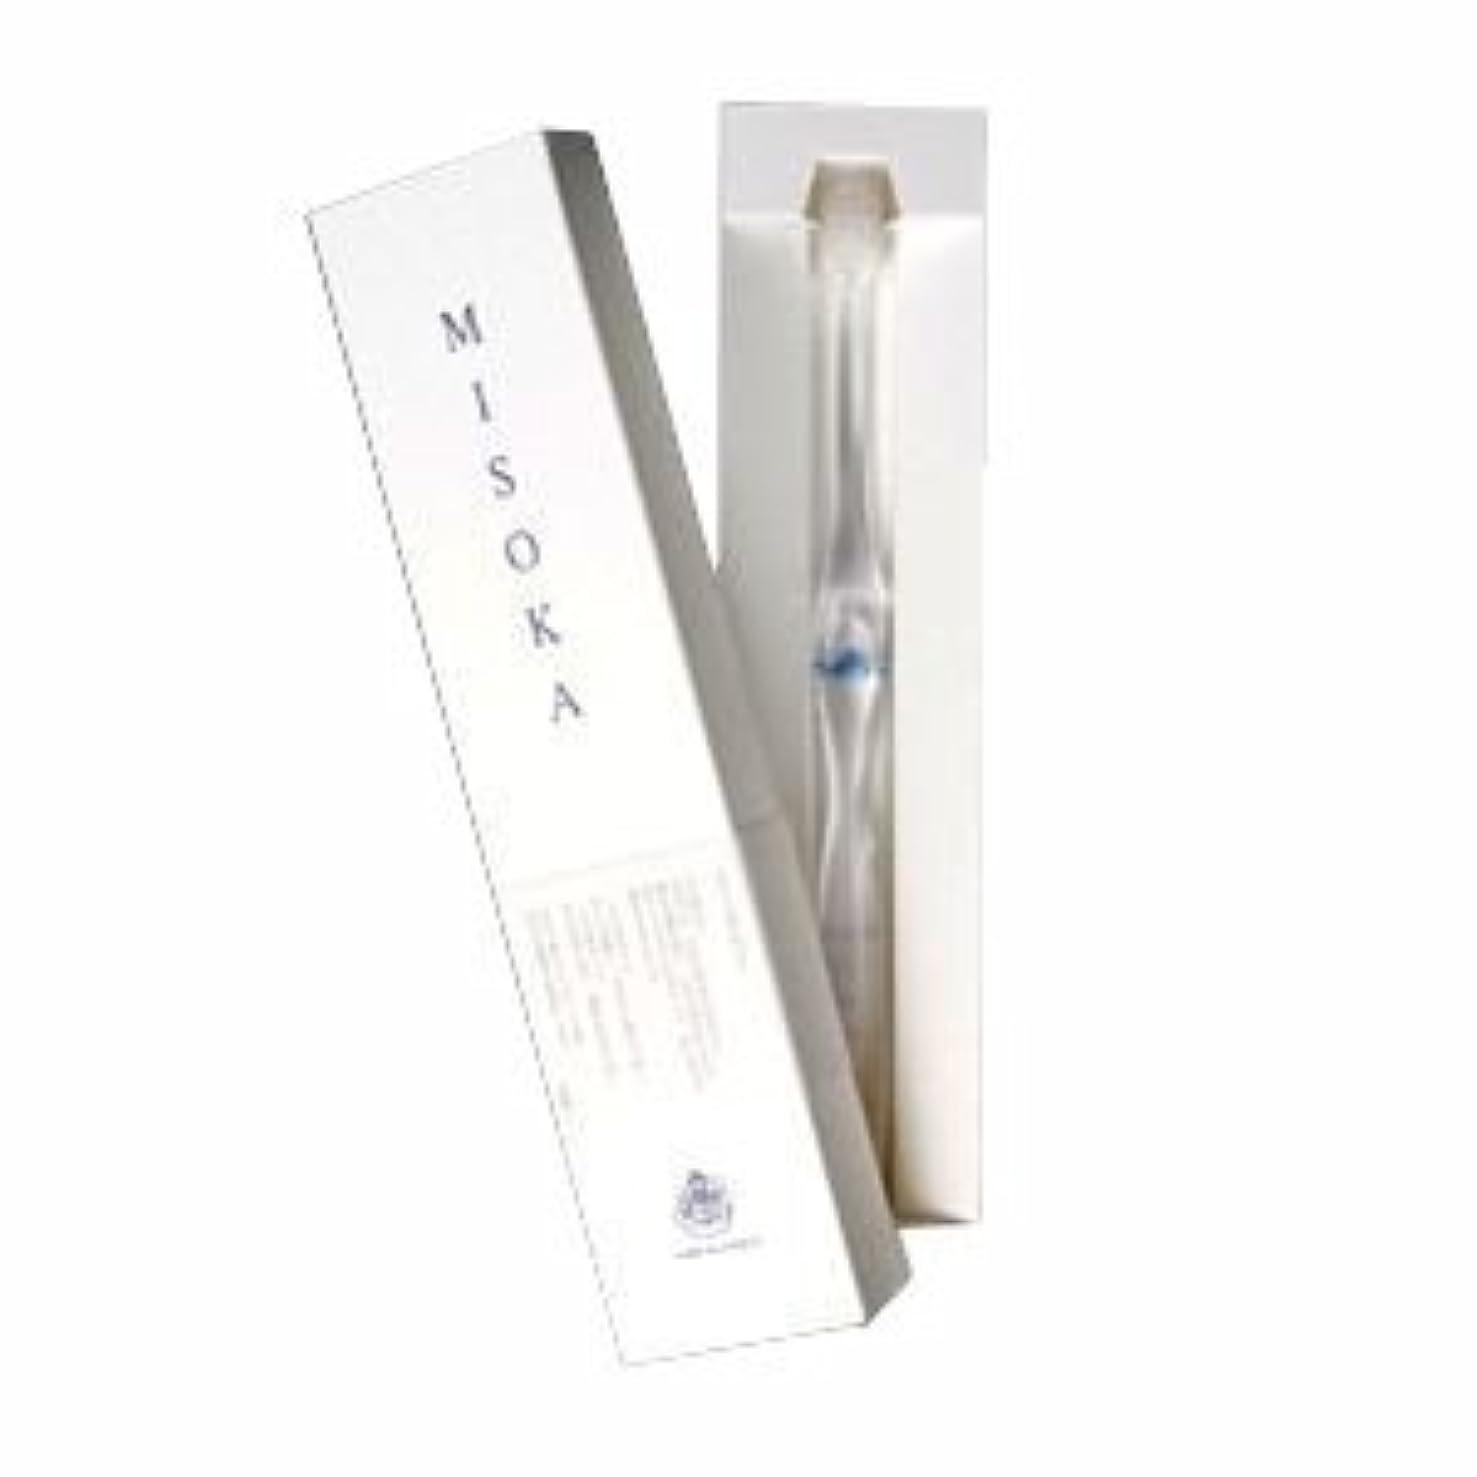 MISOKA(ミソカ) ハブラシ  - 山吹色